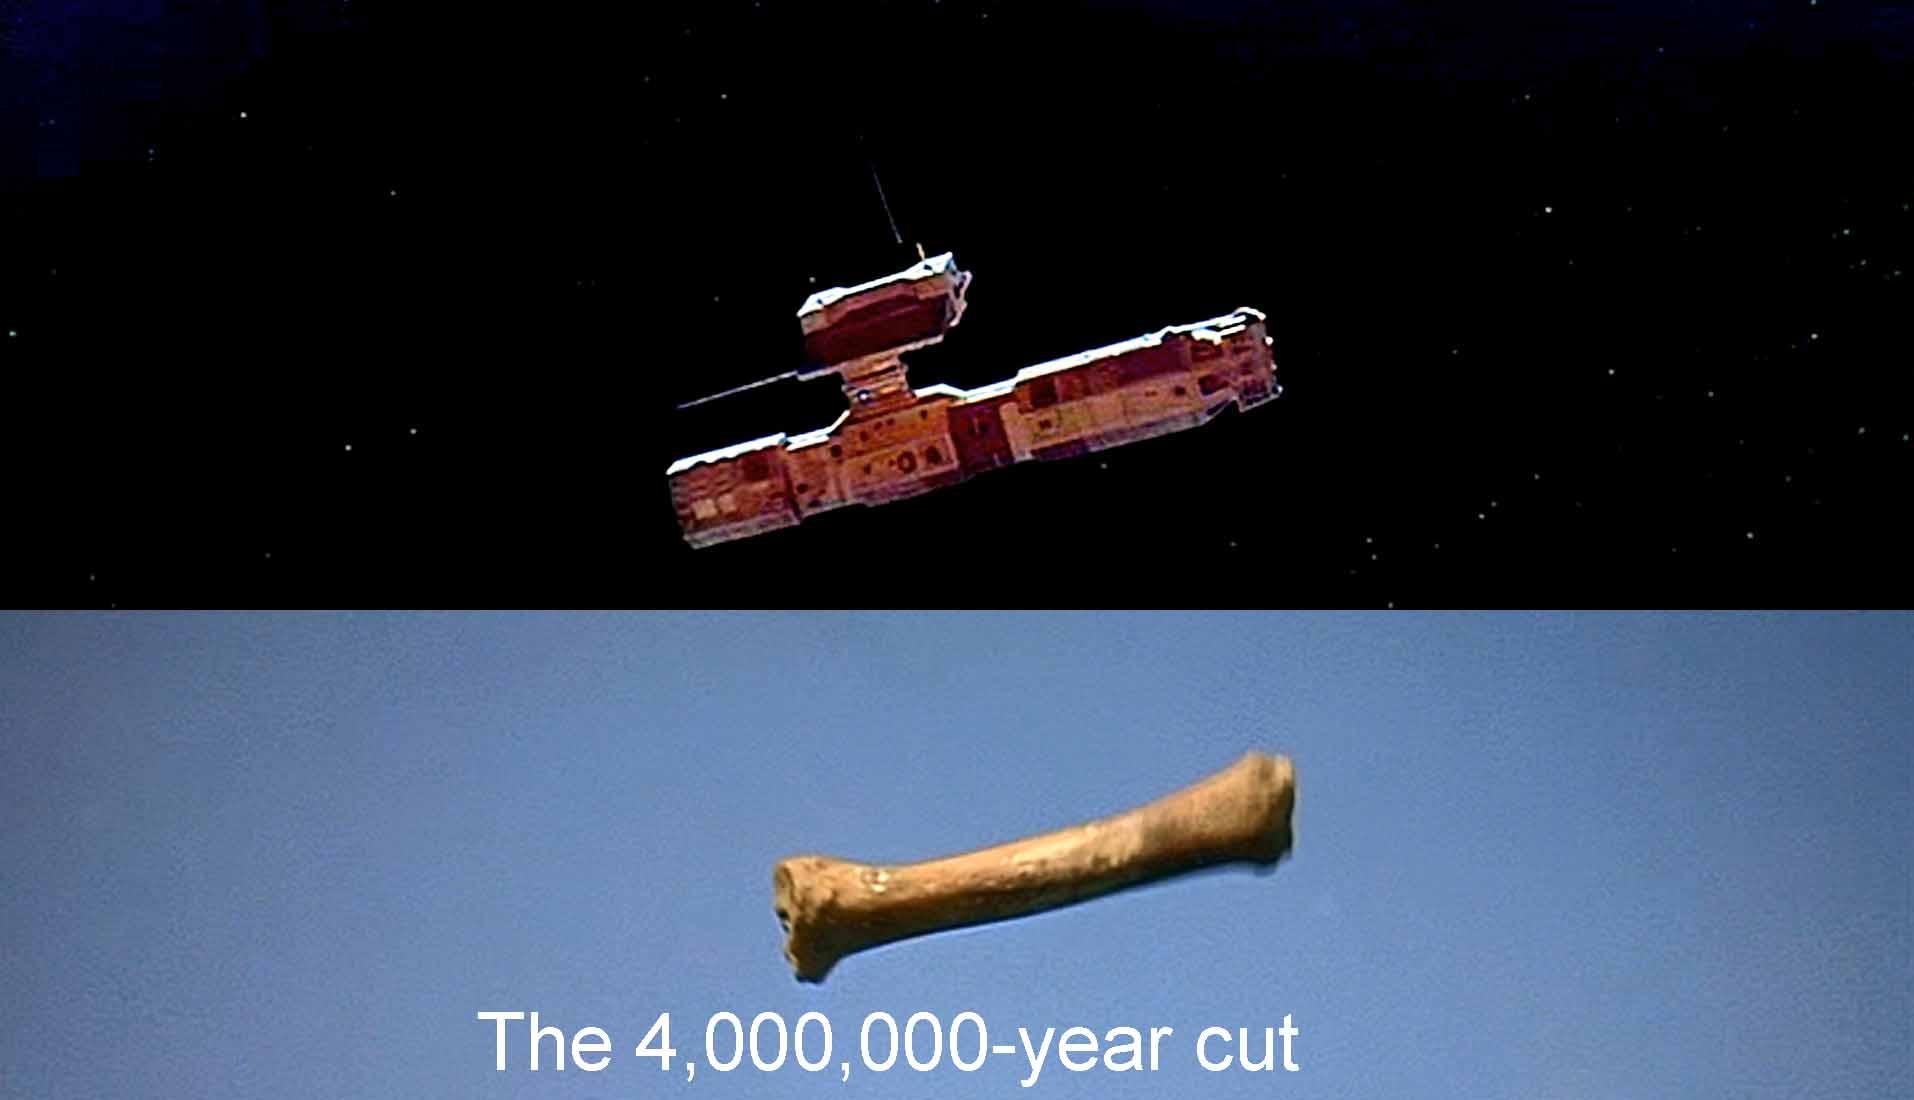 2001 cut